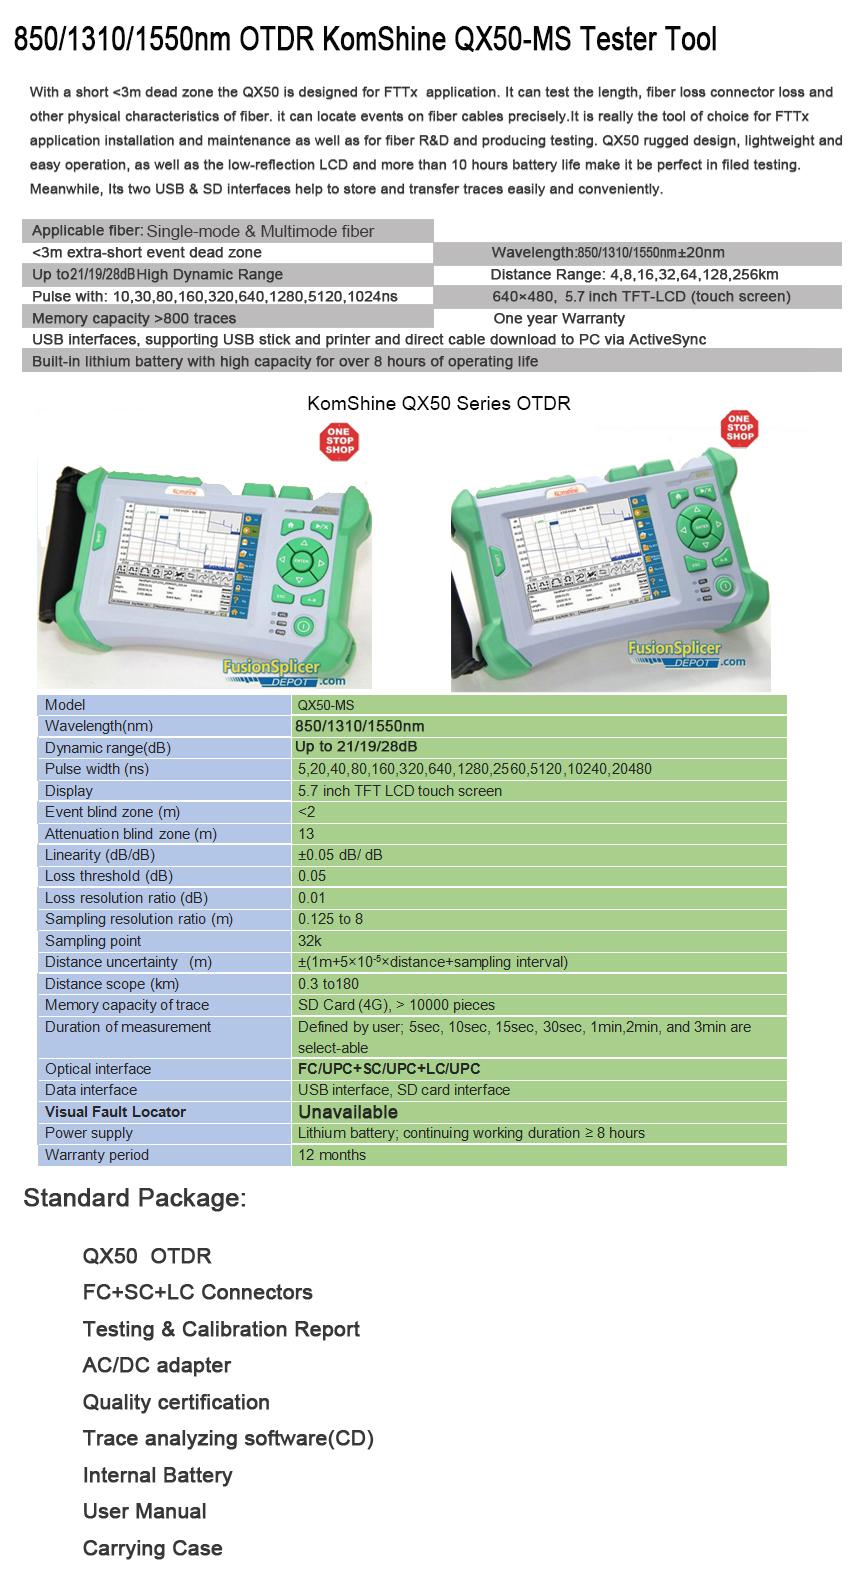 QX50-MS